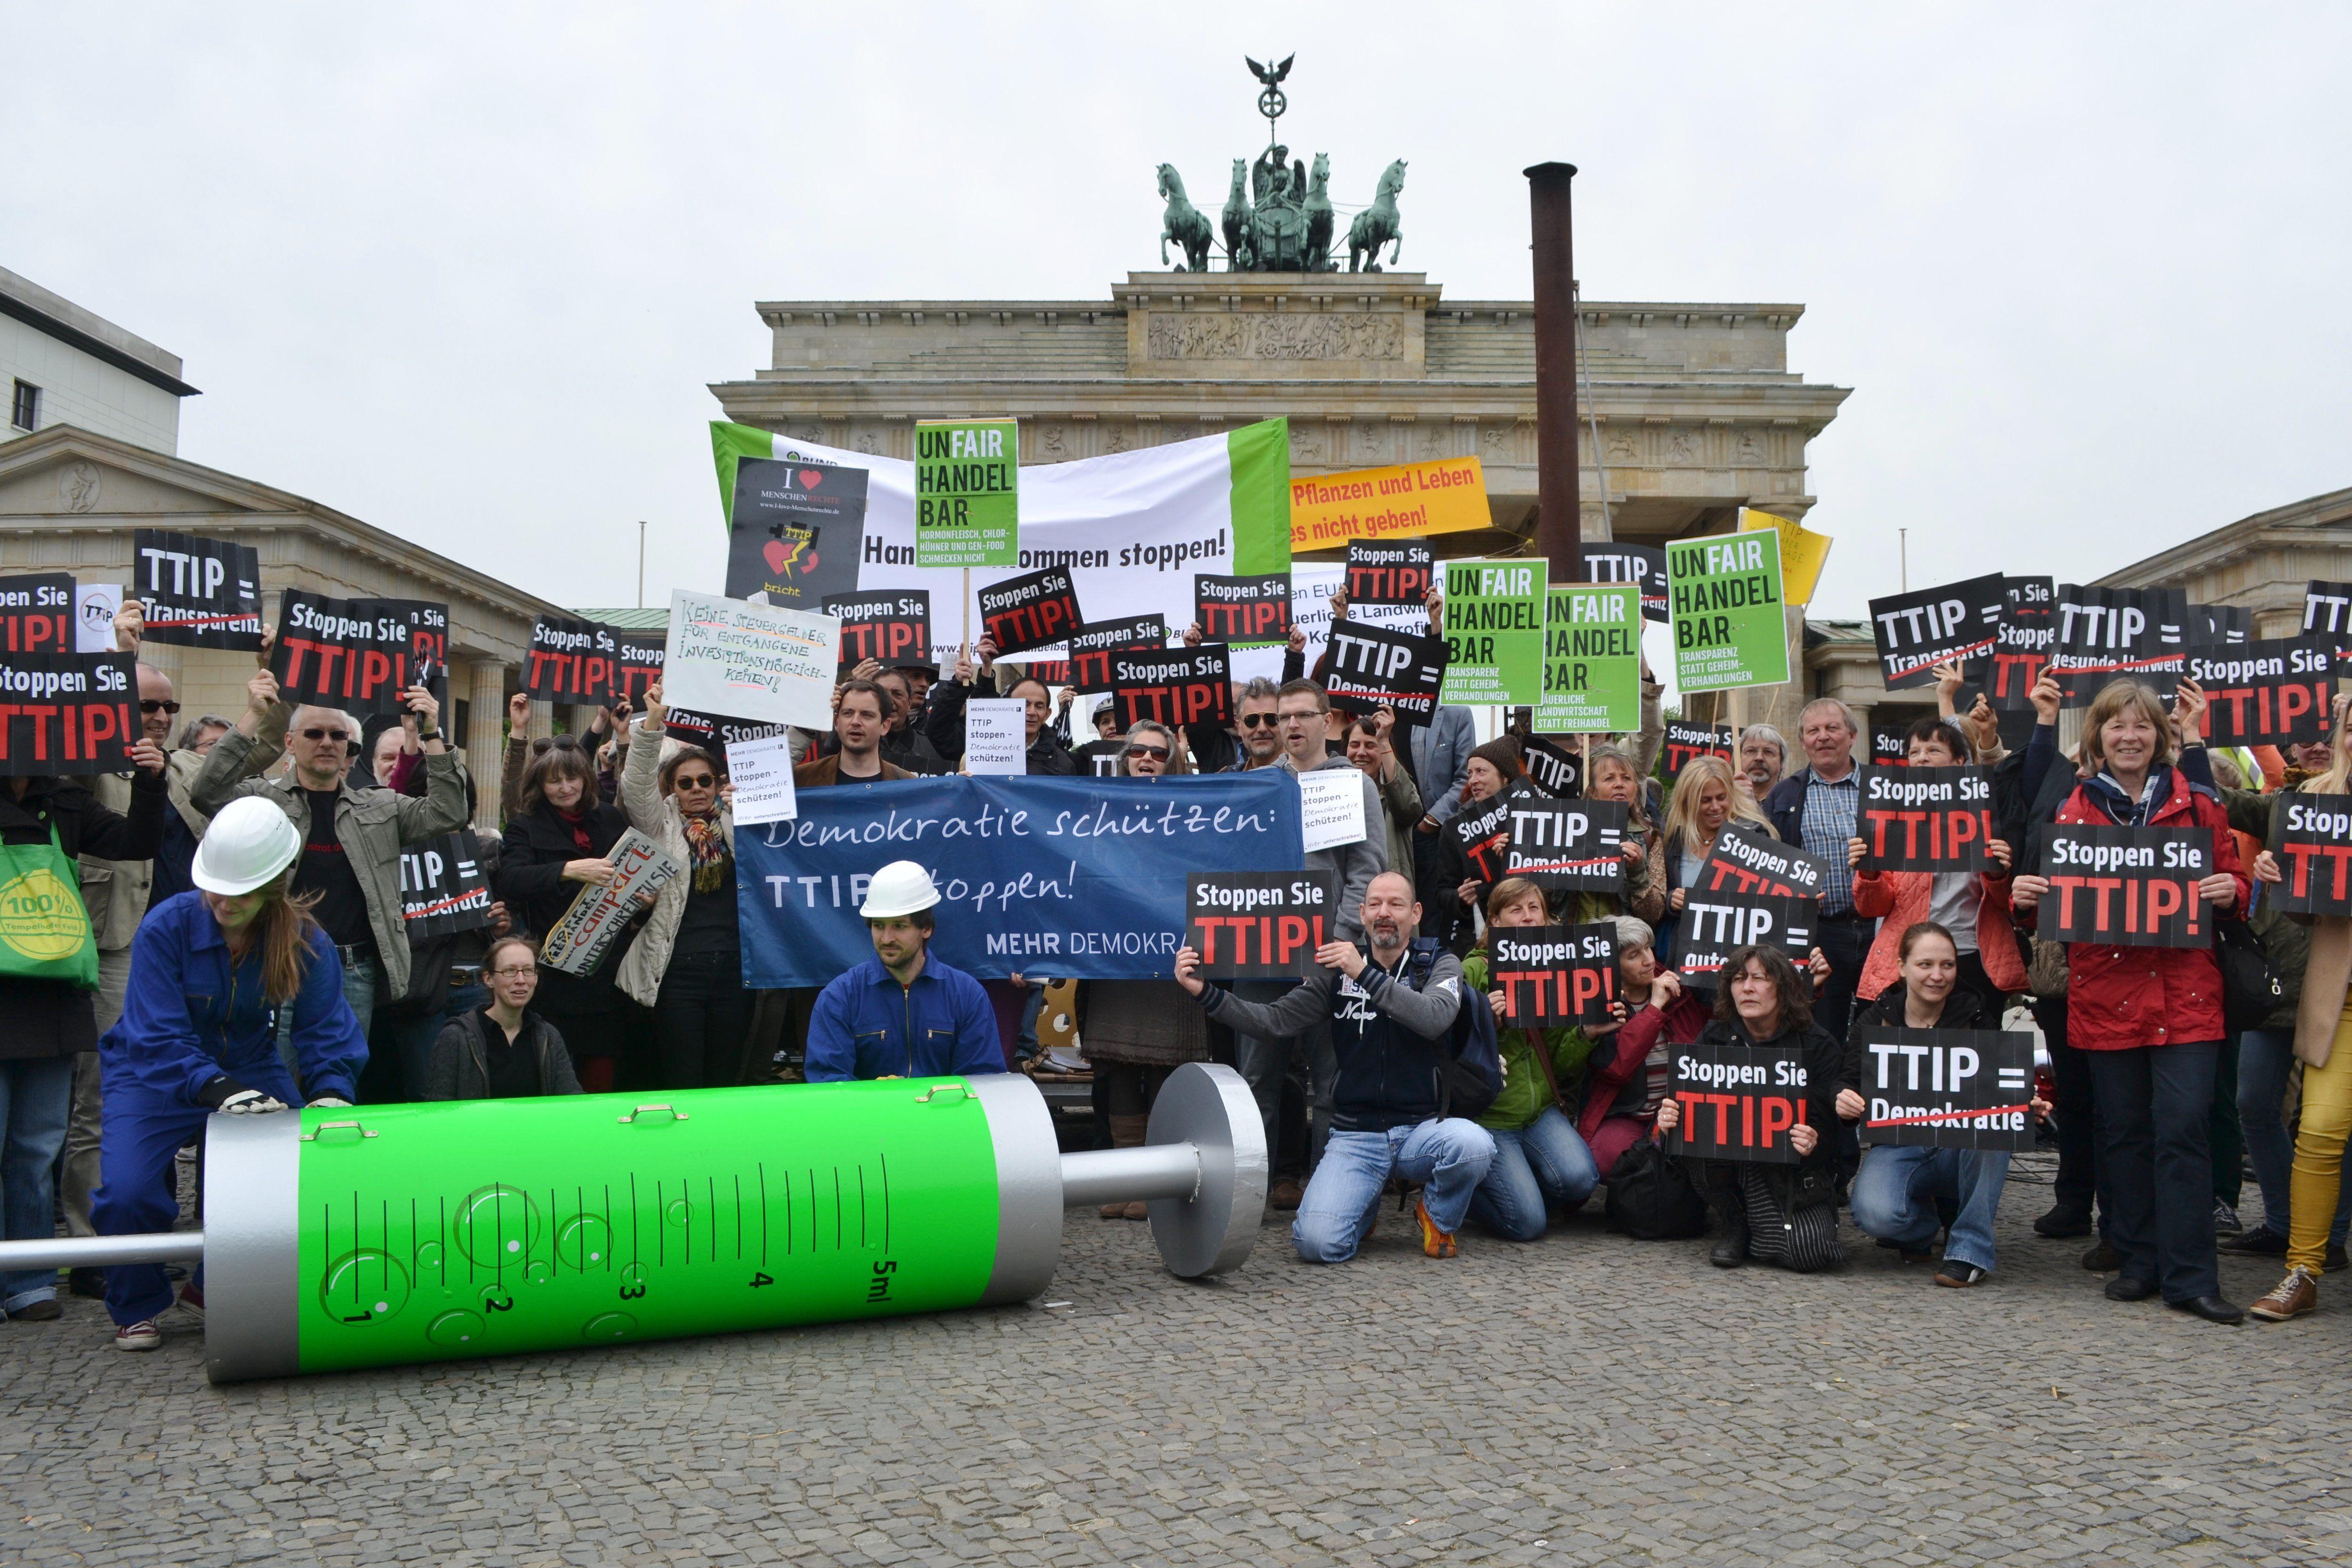 http://freidenker.cc/ttip-angriff-auf-die-demokratie/8884/